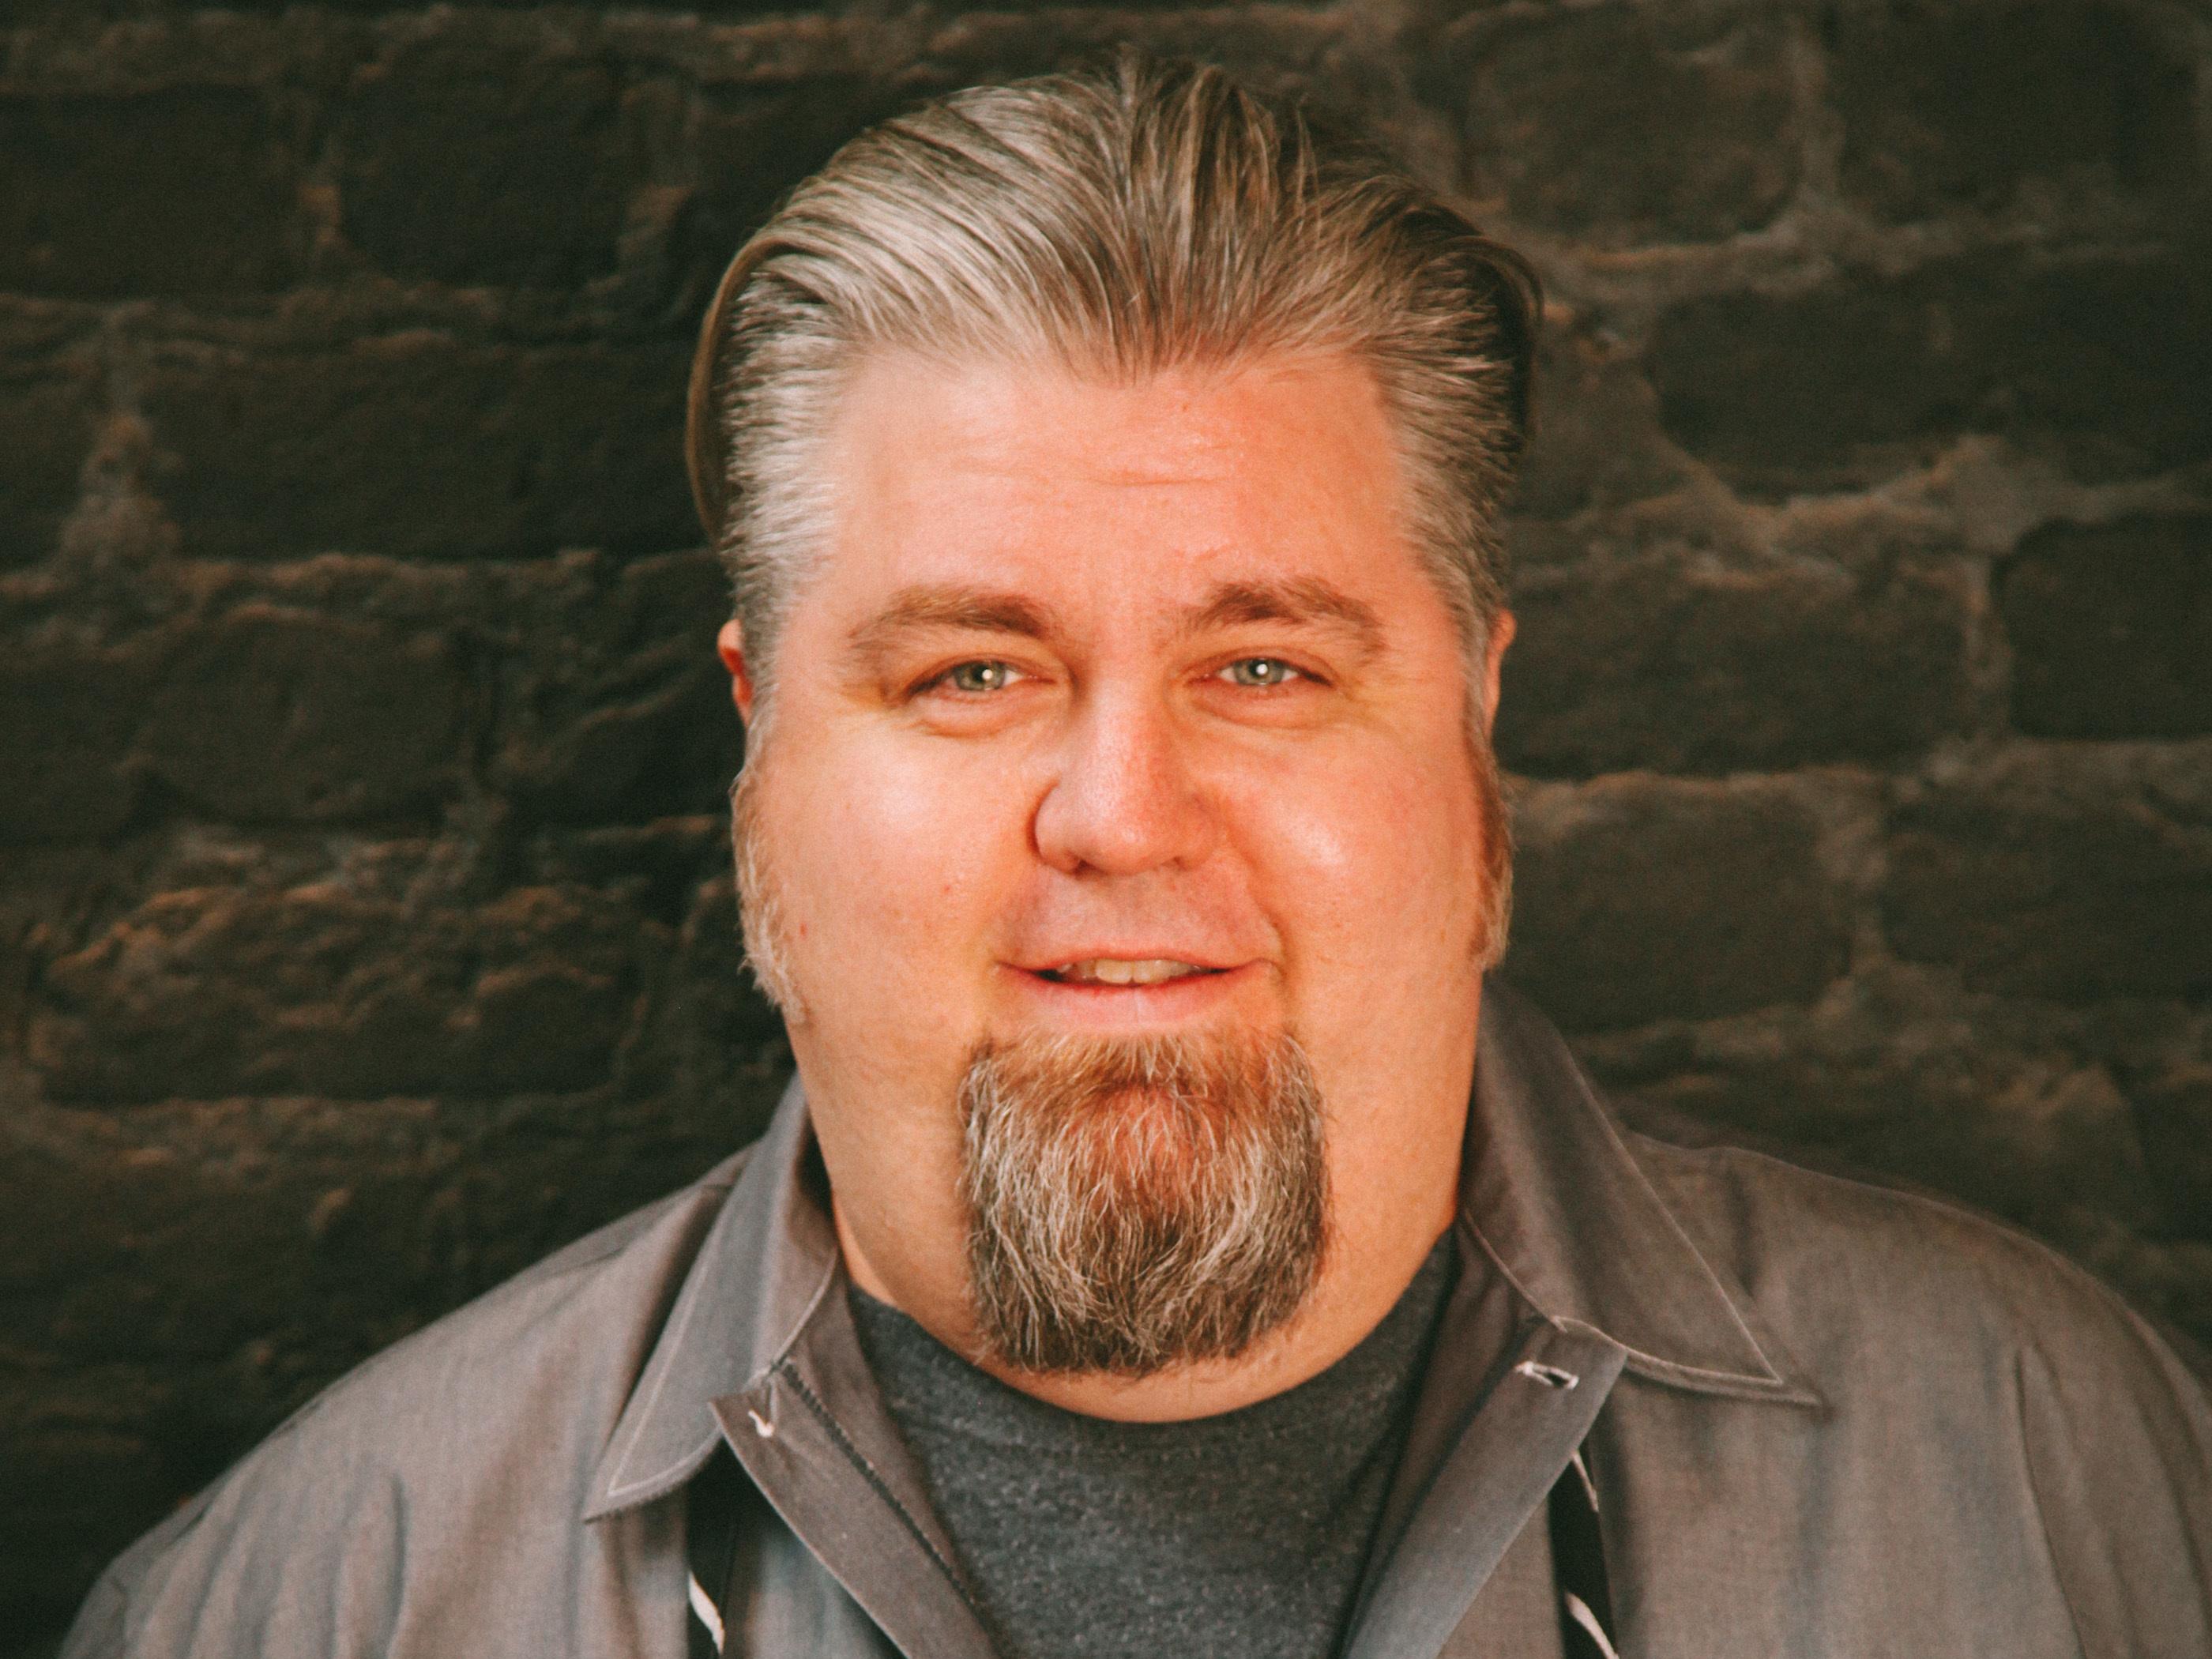 Kevin Hickey